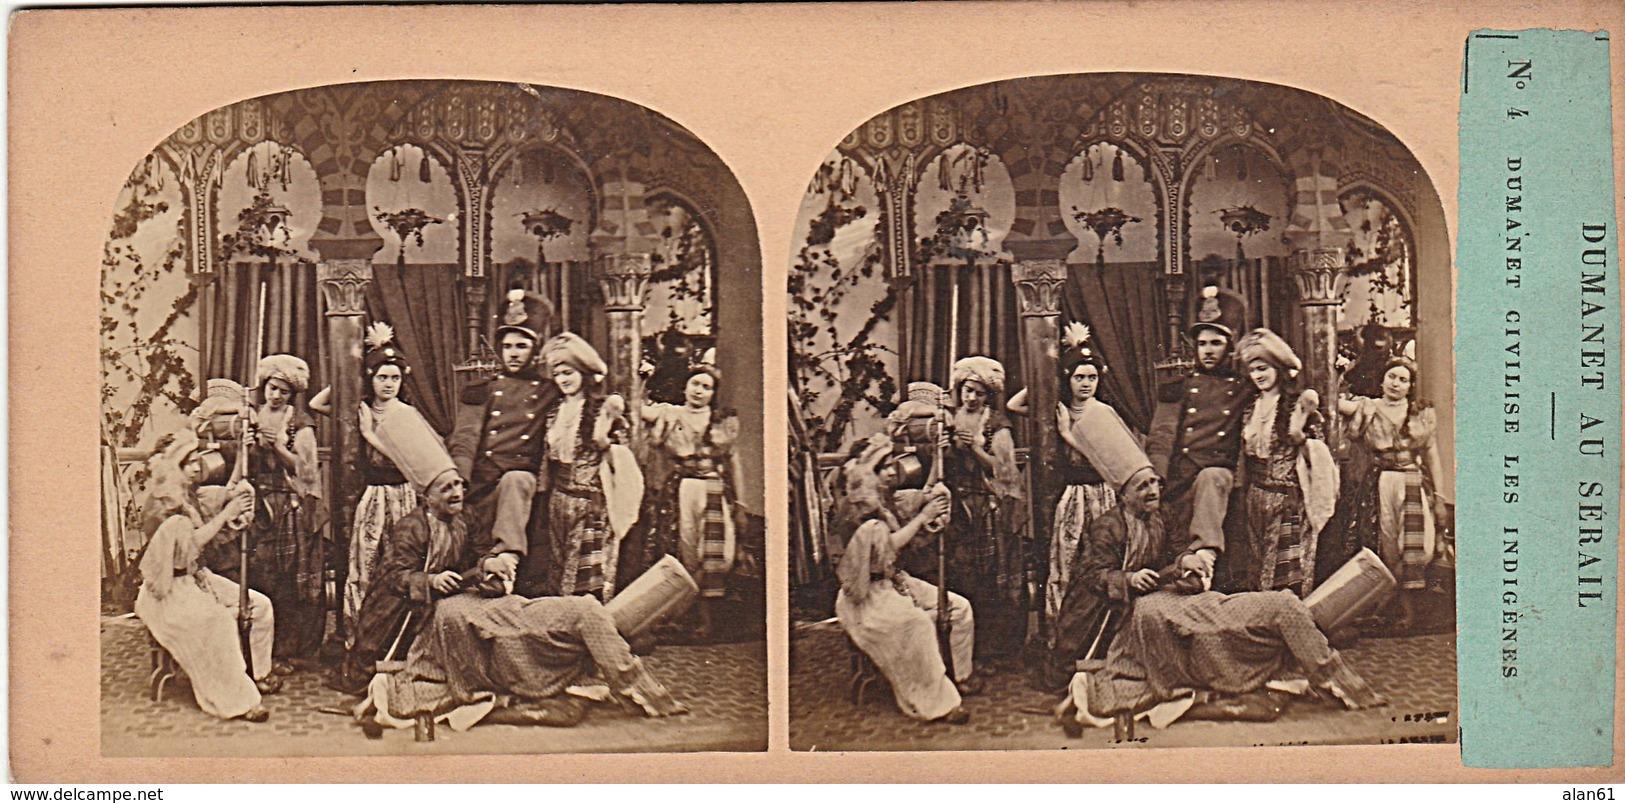 PHOTO STEREO 19 Eme DUMANET AU SERAIL DUMANET CIVILISE LES INDIGENES  N° 4 Humour épisode De La Guerre D' Alger - Stereoscoop